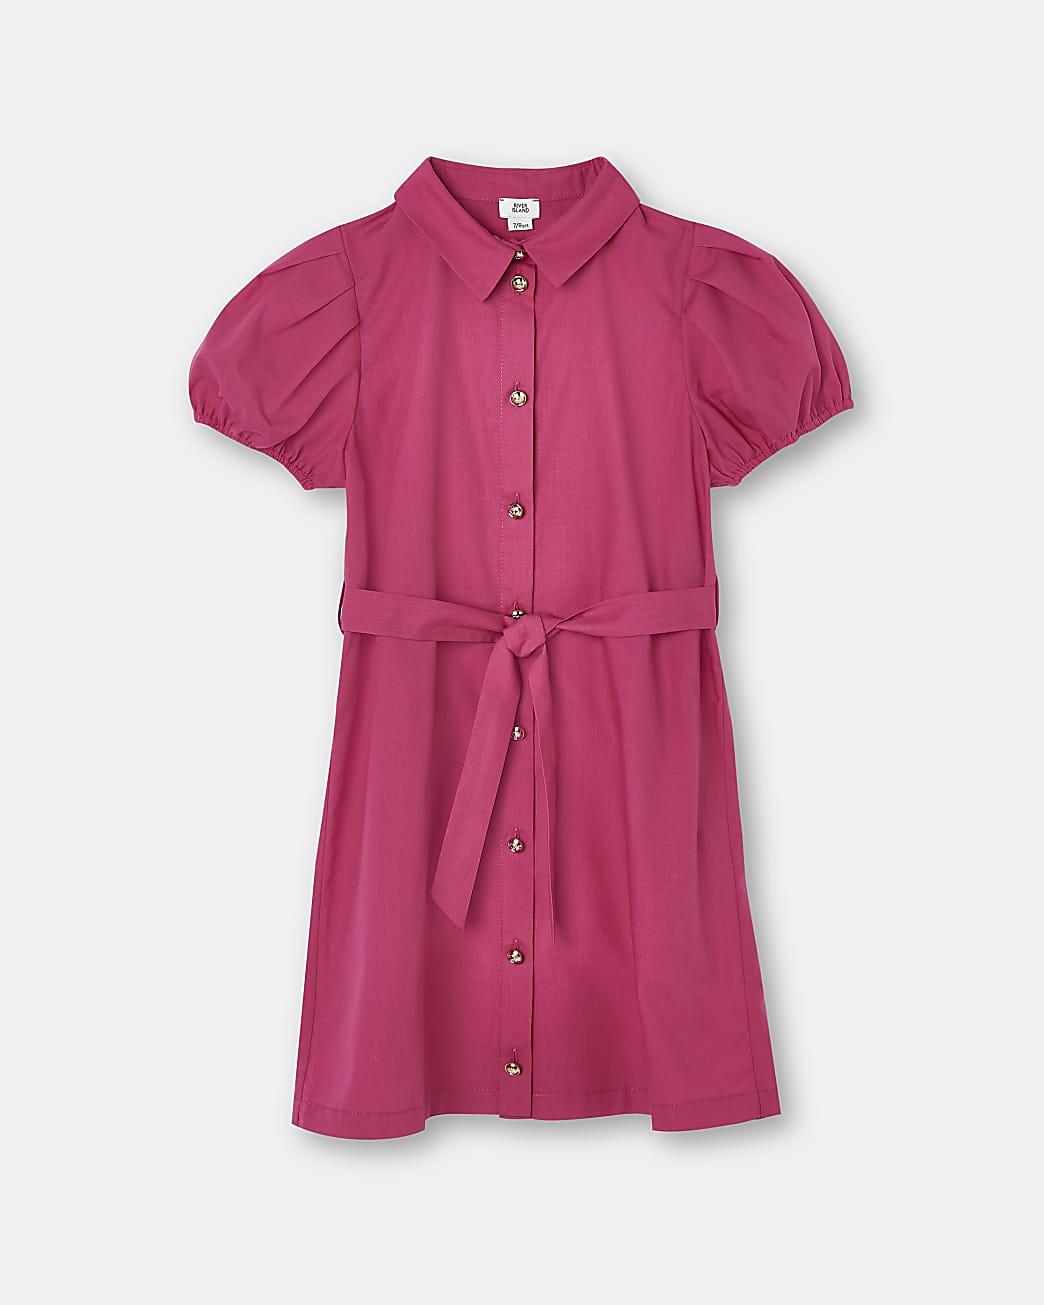 Girls pink puff sleeve shirt dress